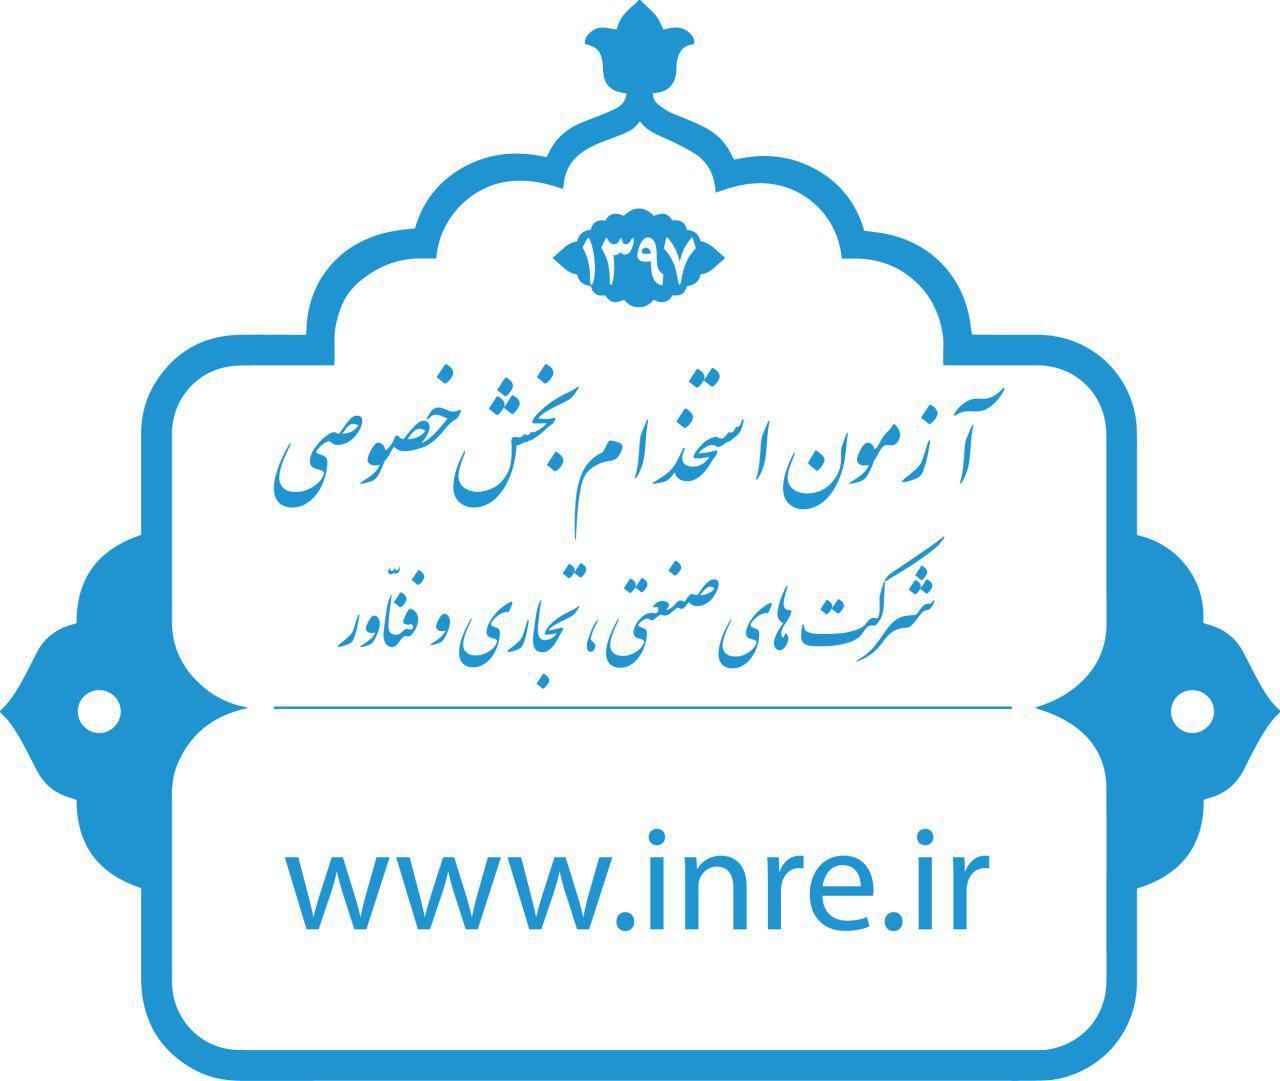 برگزاری مرحله حضوری آزمون استخدام بخش خصوصی در تبریز